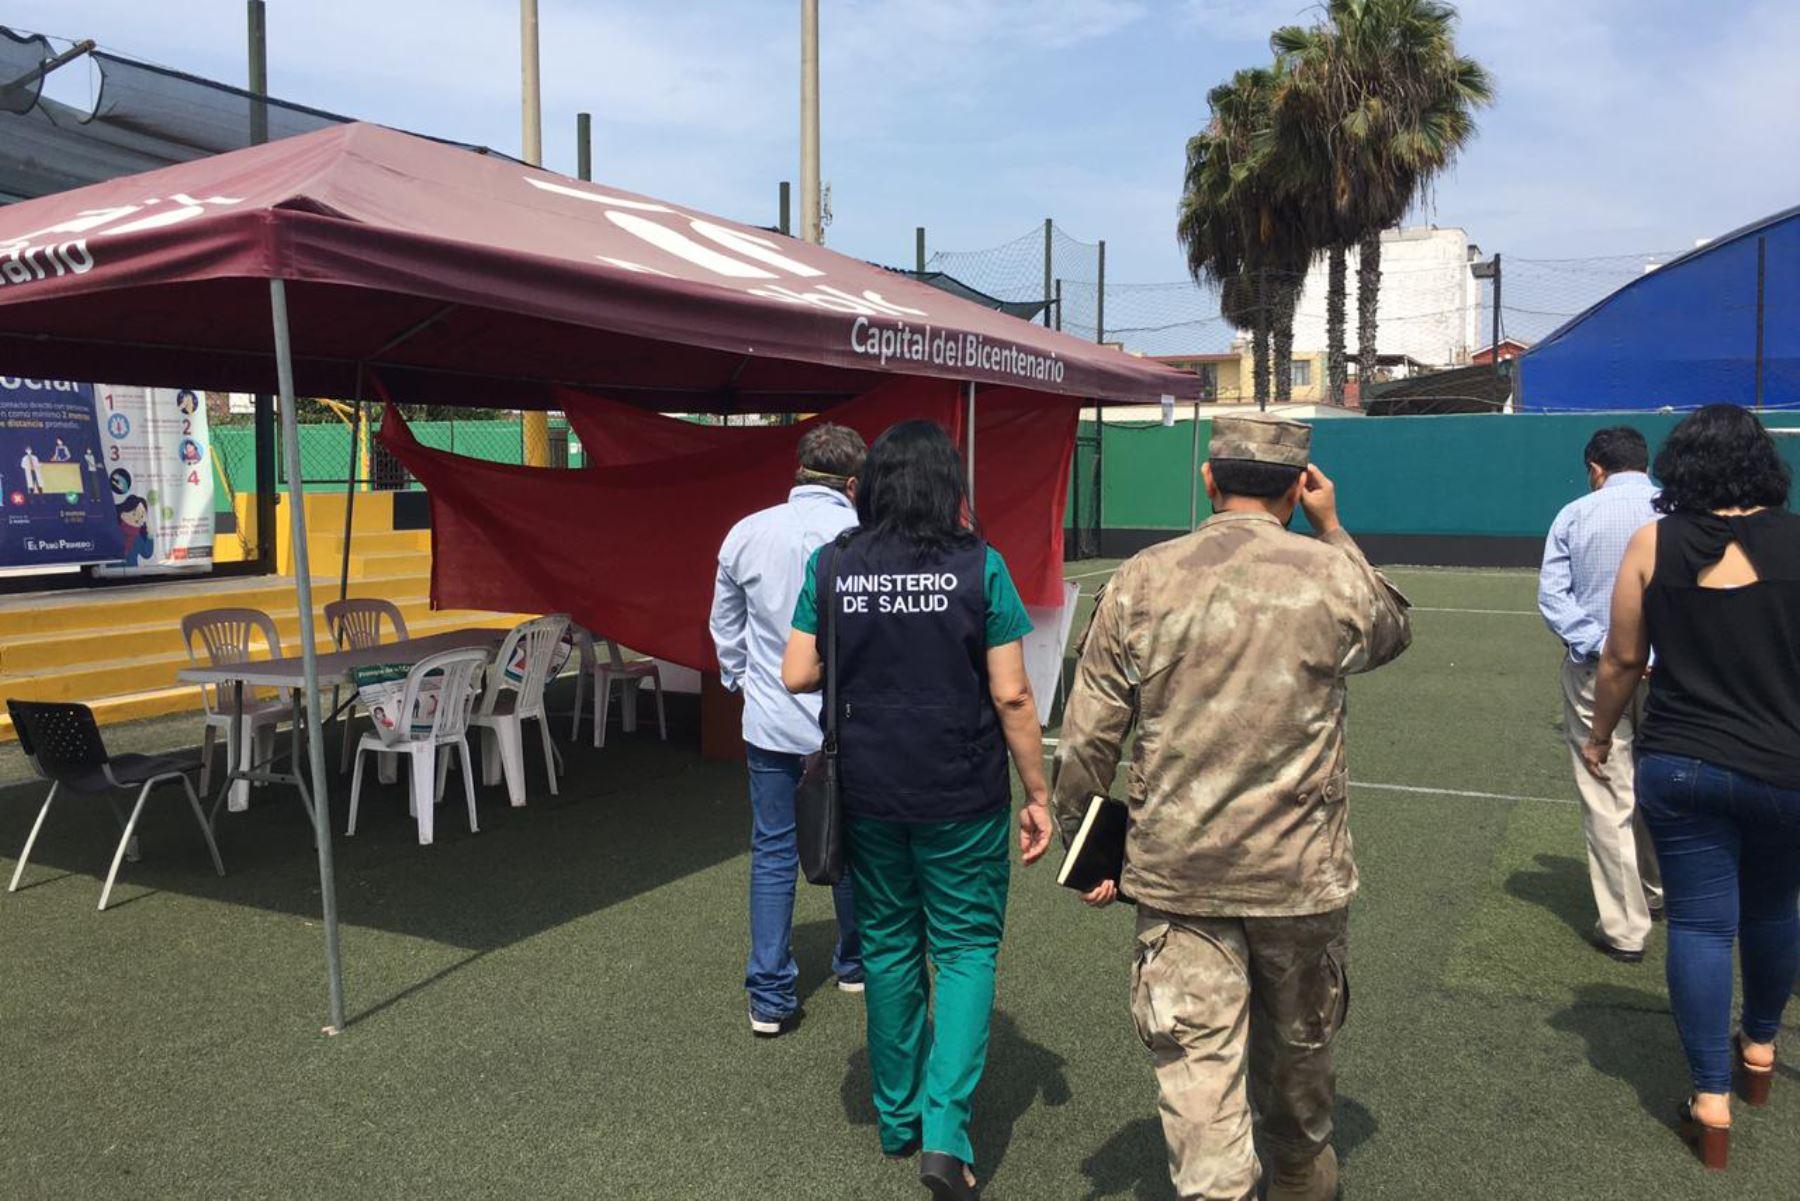 La Municipalidad de Pueblo Libre determinó que el Complejo Deportivo Torre Tagle, ubicado en la cuadra 2 de la calle José Ugarteche, sea designado como local para el Centro de Vacunación contra el Covid-19. ANDINA/Municipalidad de Pueblo Libre